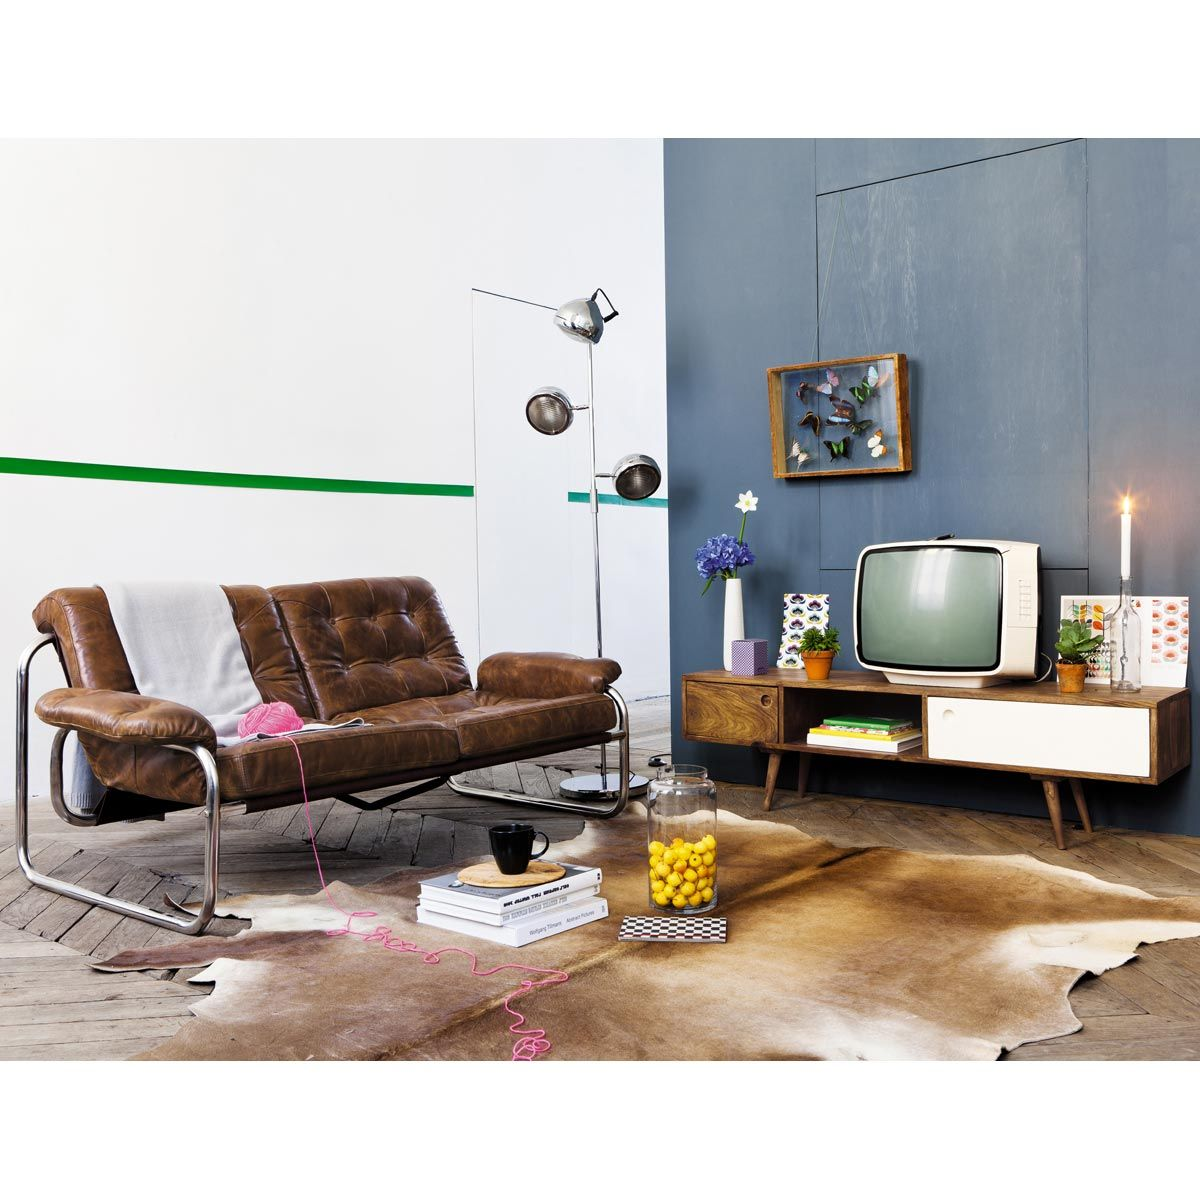 meuble tv vintage en bois de sheesham l 140 cm andersen - Meuble Tv Vintage Andersen